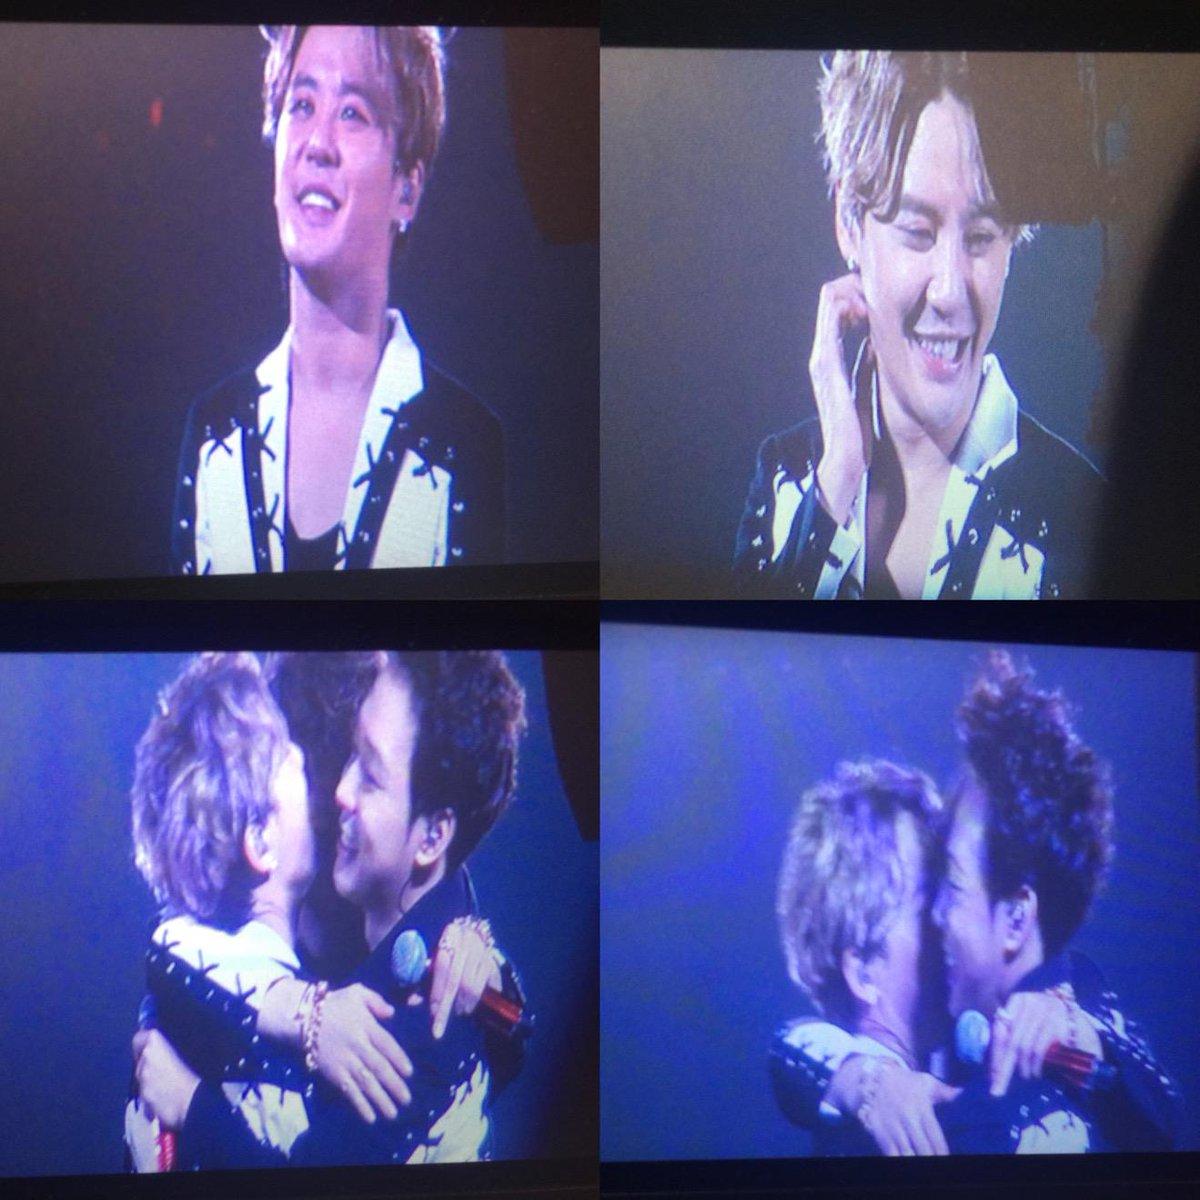 ファンたちジュンスに誕生日歌を歌う時、ジュンス幸せな顔^^ それともユス☆ http://t.co/6k4cz7E2PZ